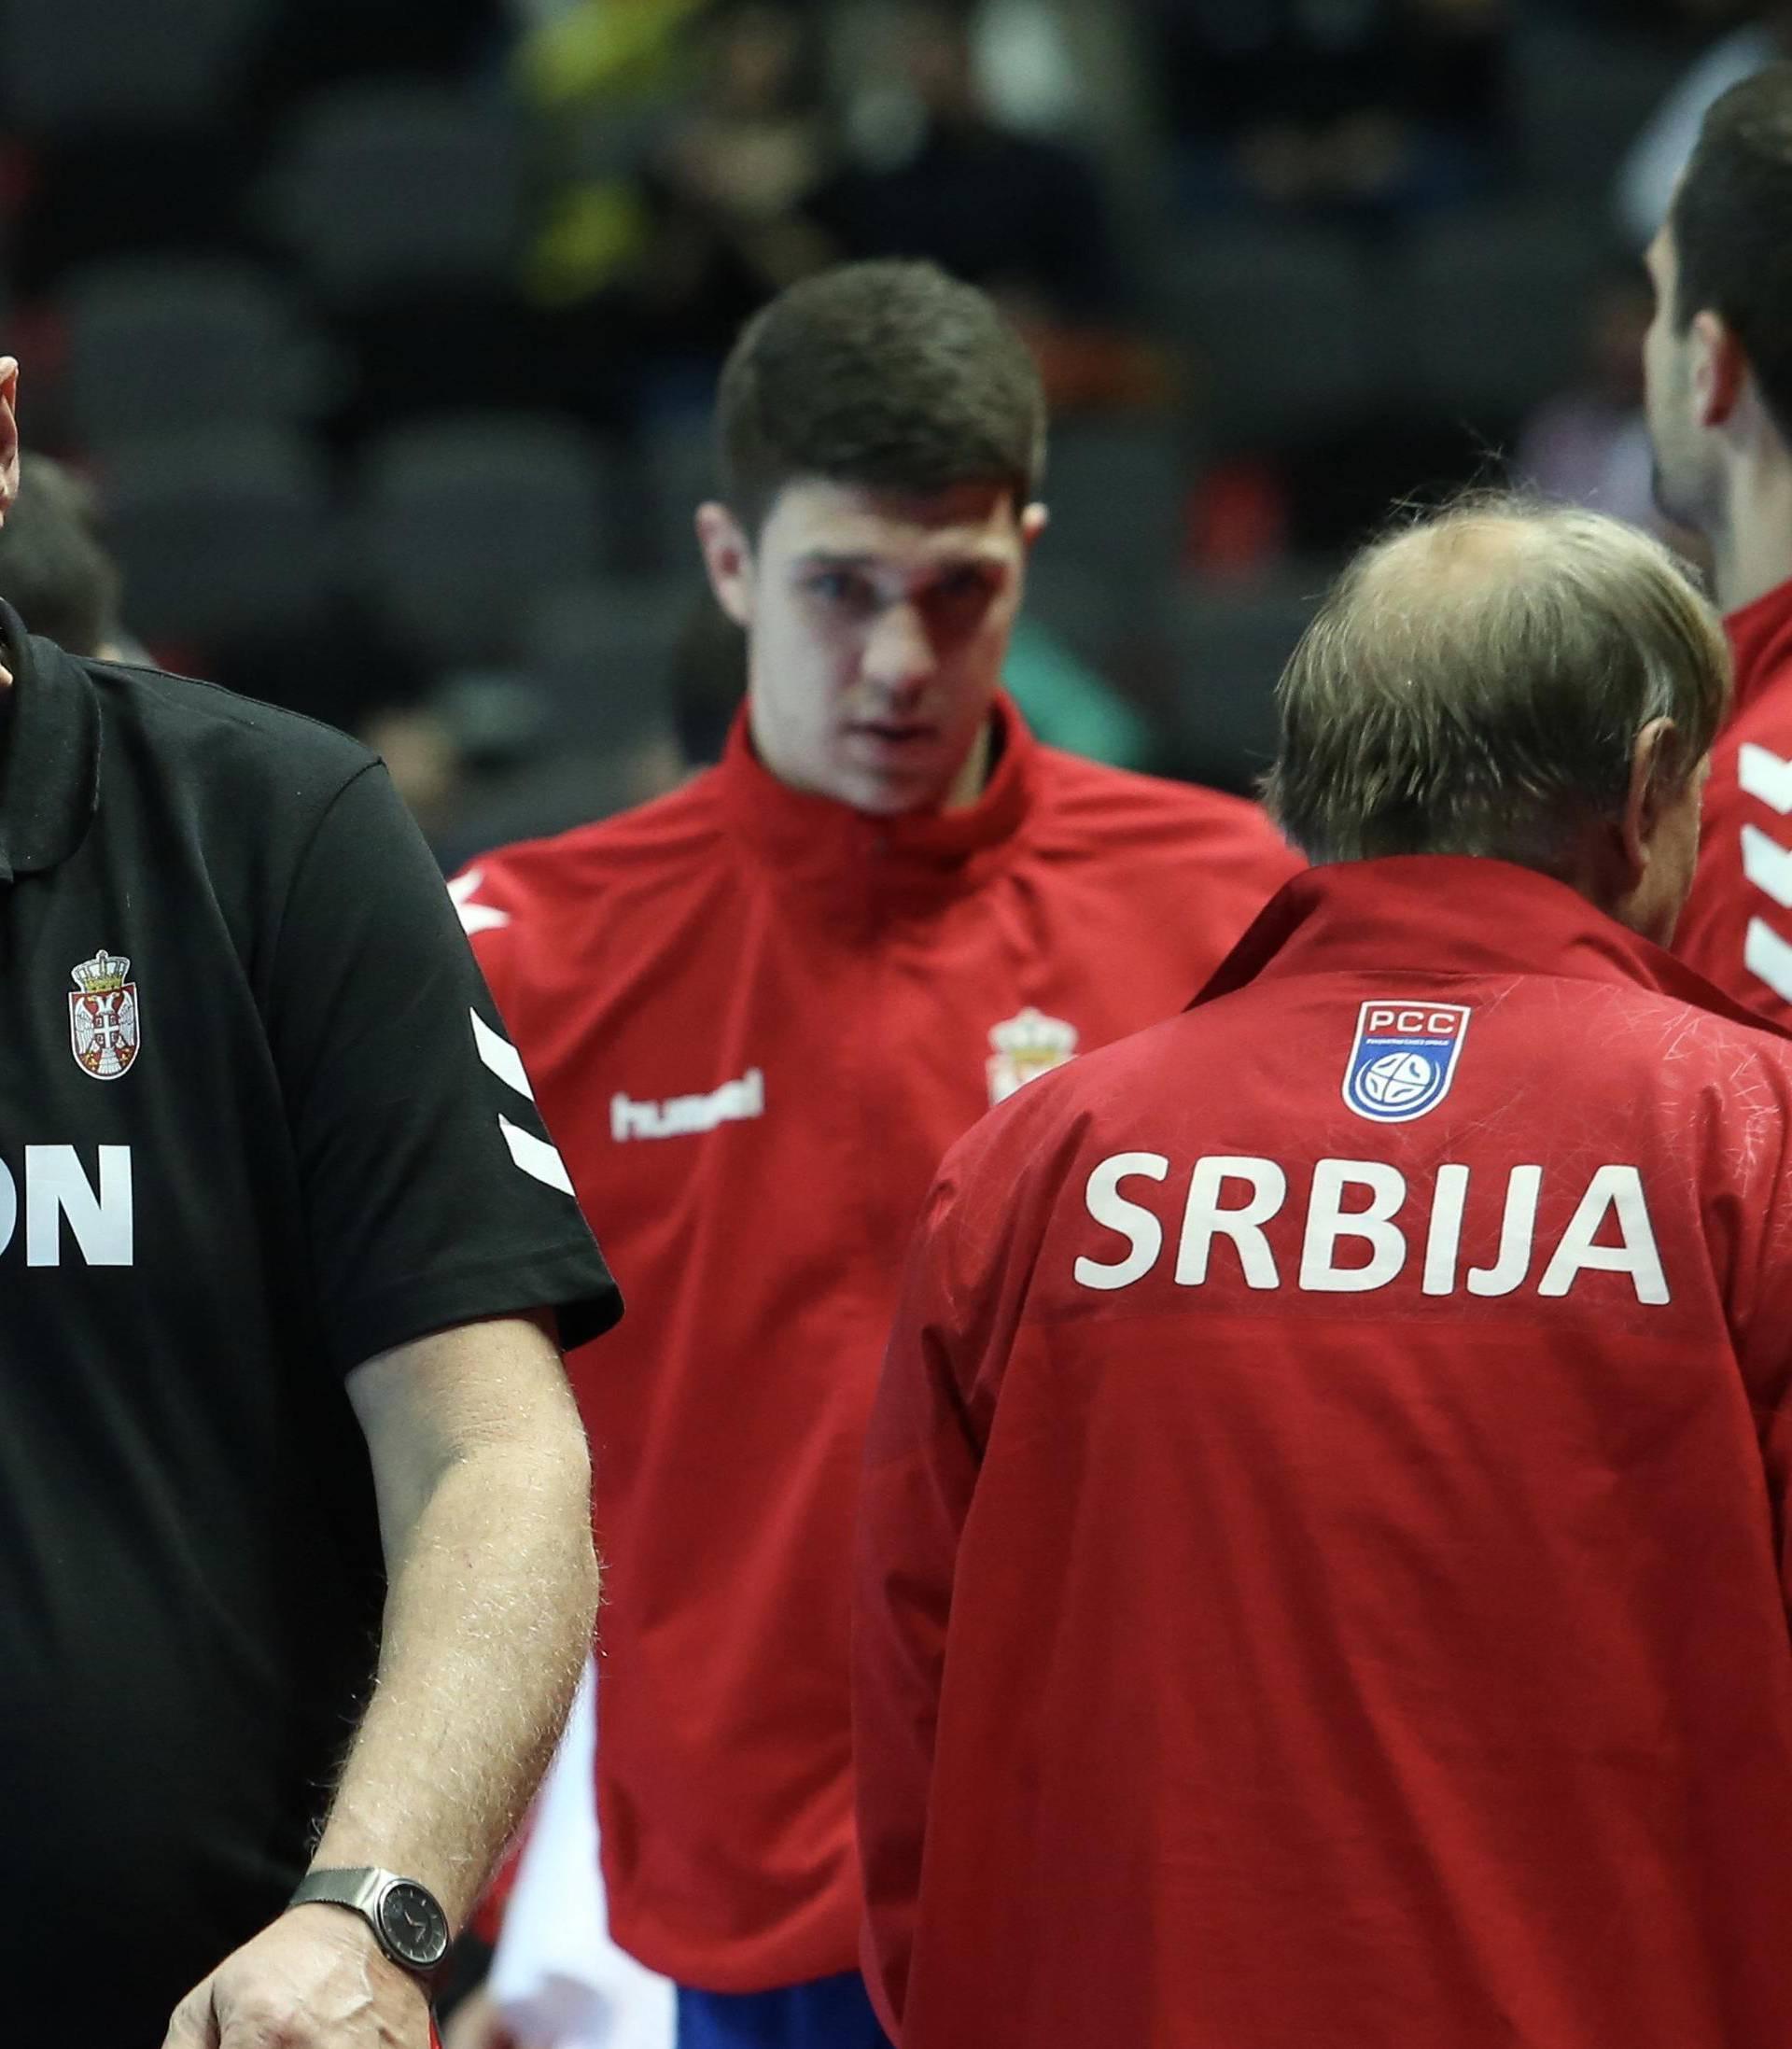 Izbornik Srbije 'bio pijan svaku večer': Nije znao gdje igramo!